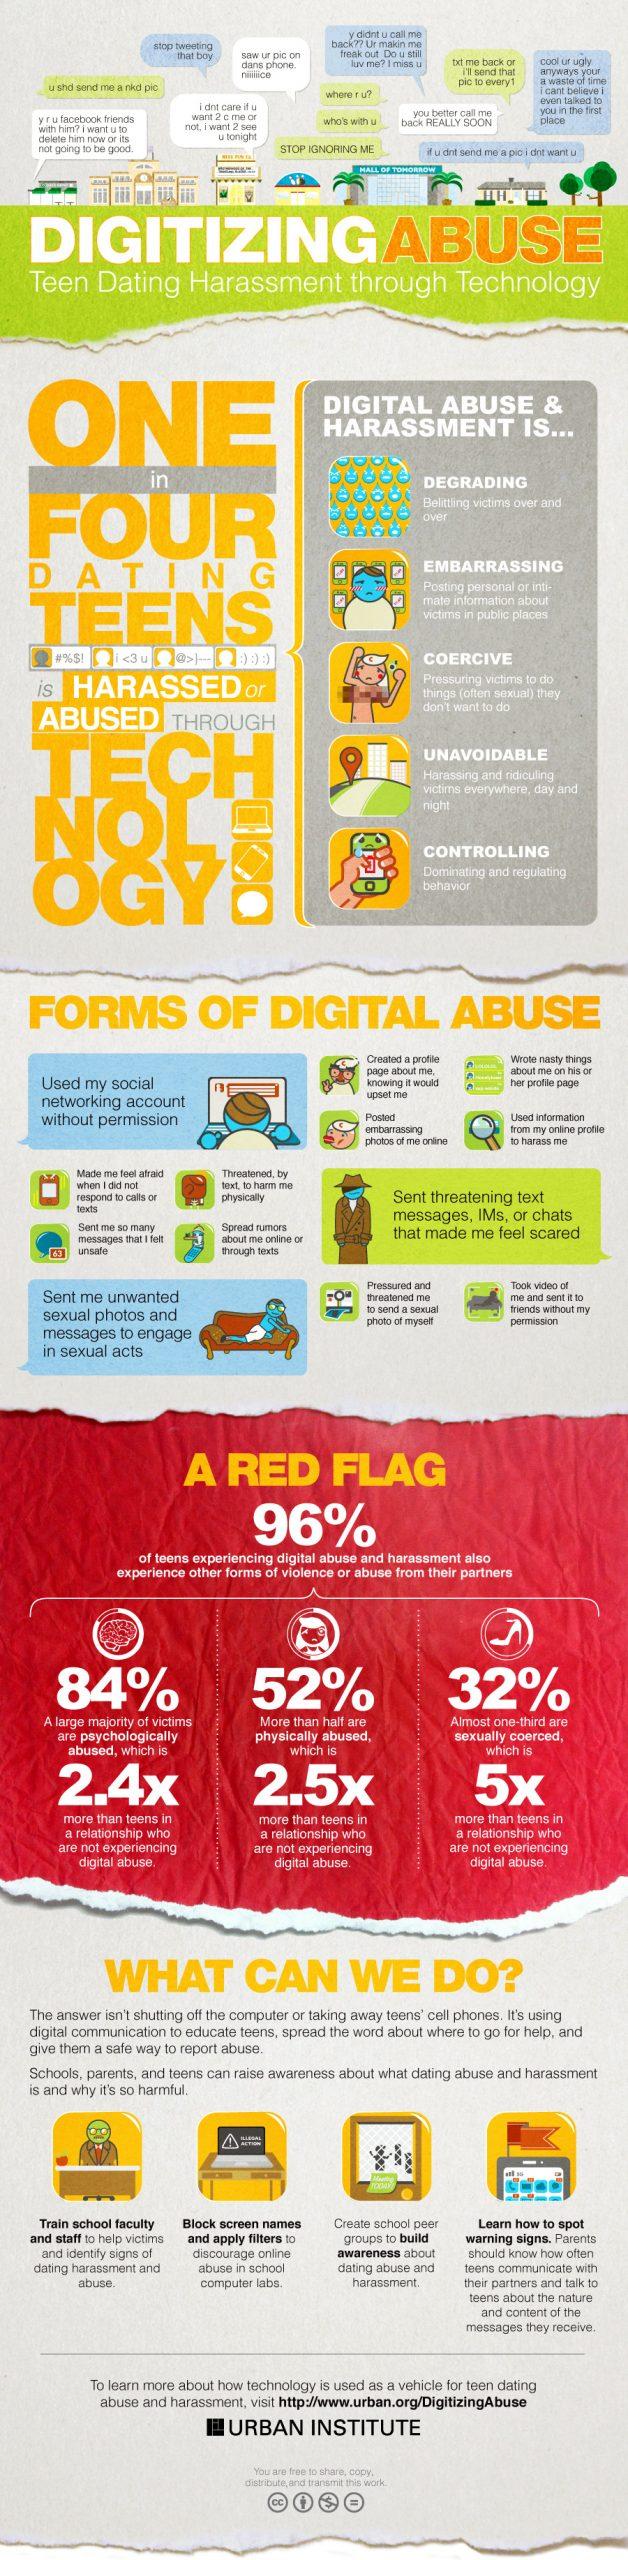 Digitizing Abuse Infographic